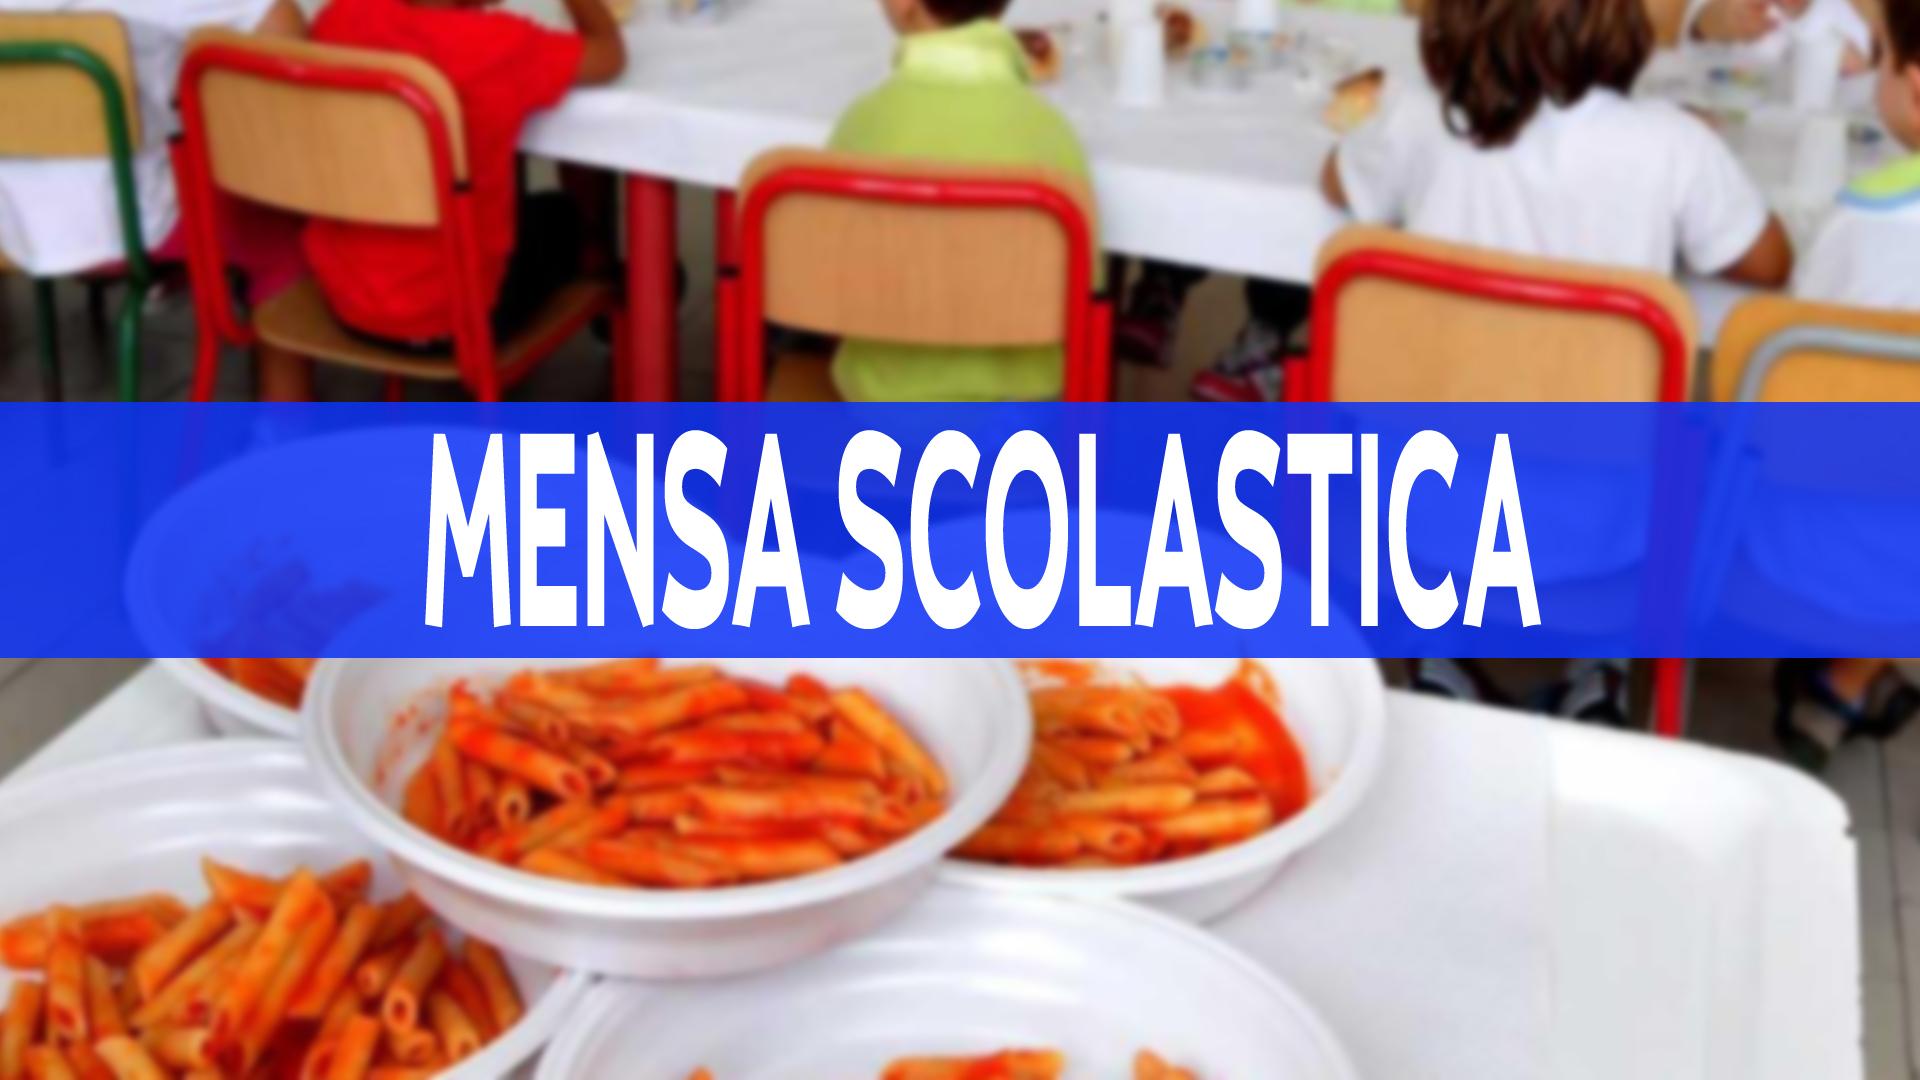 SERVIZIO DI MENSA SCOLASTICA - ISTANZA ADESIONE AL SERVIZIO